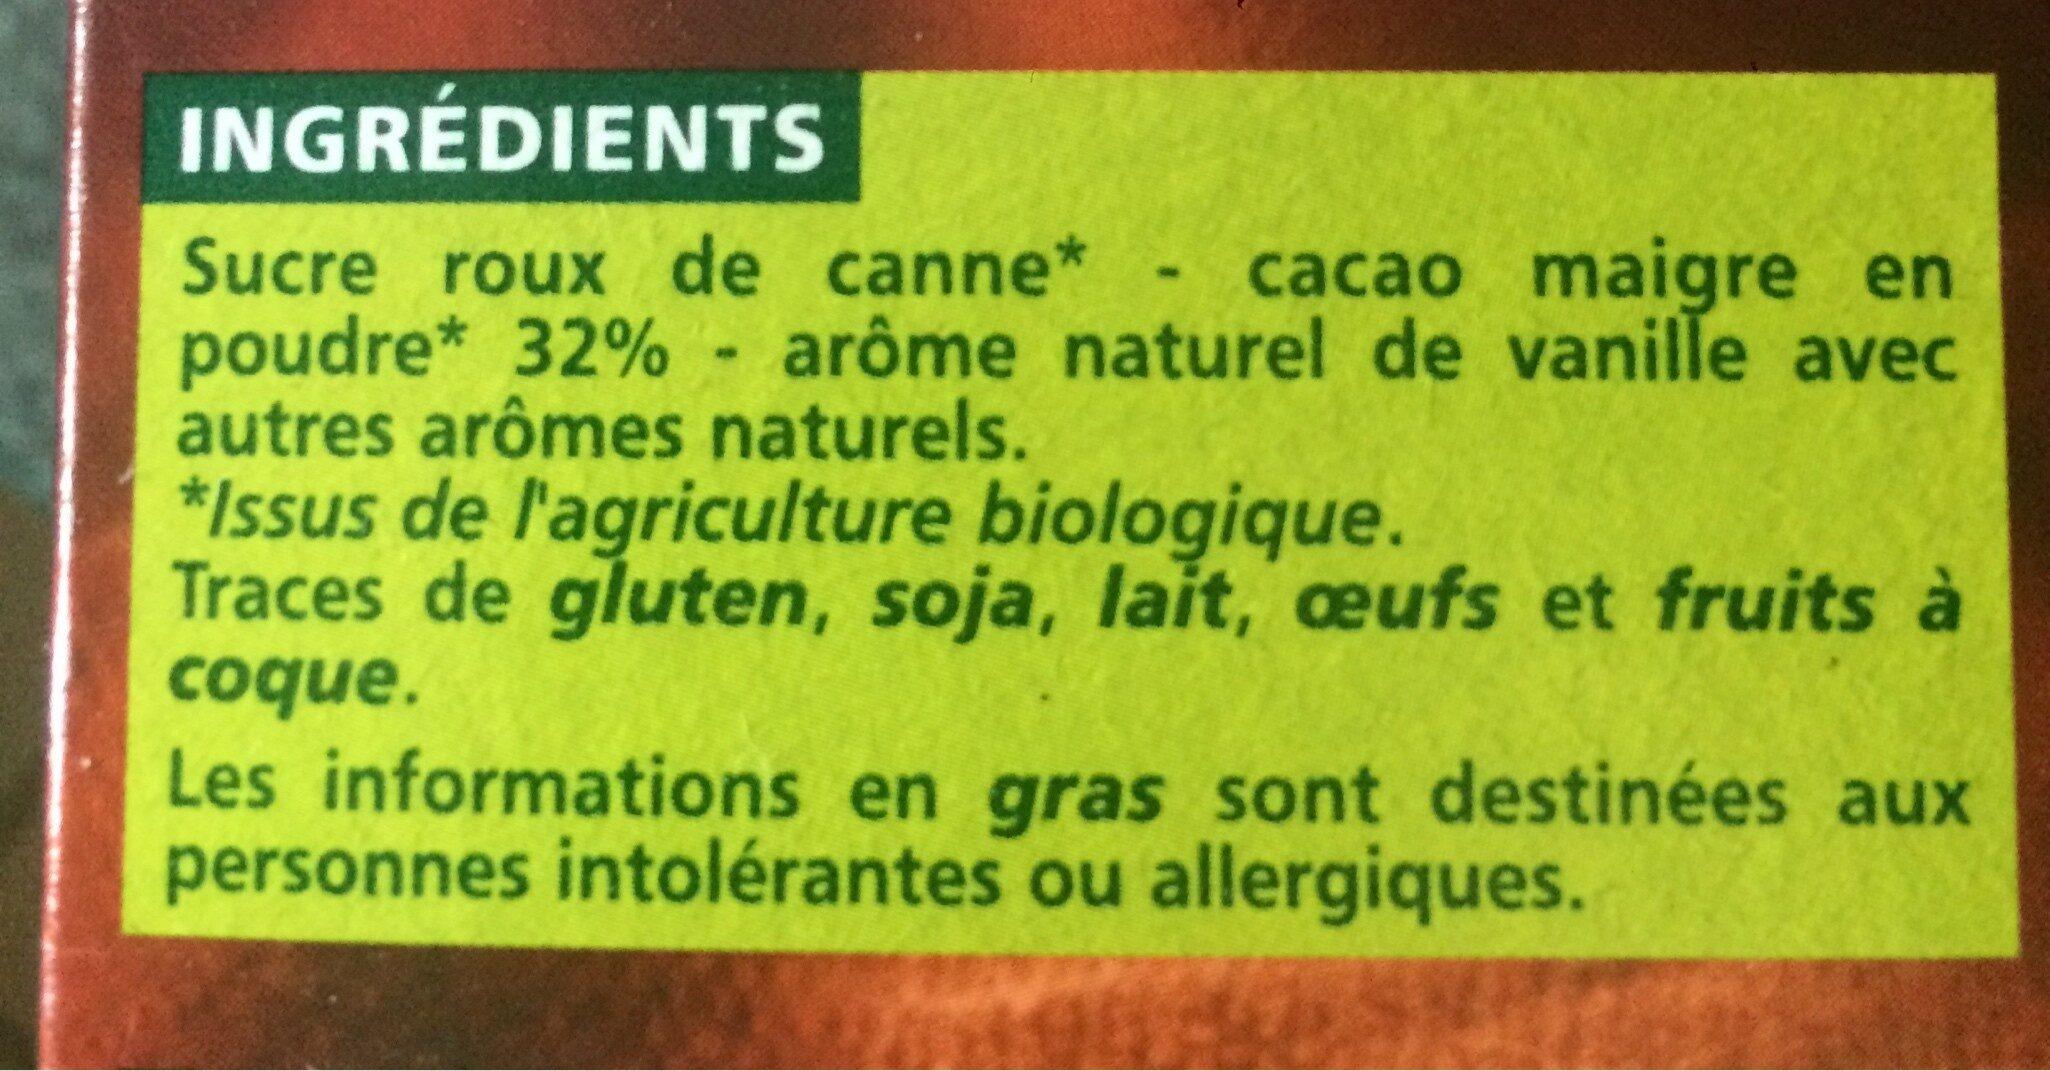 Petit déjeuner cacaoté - origine Amérique Latine - Ingredients - fr